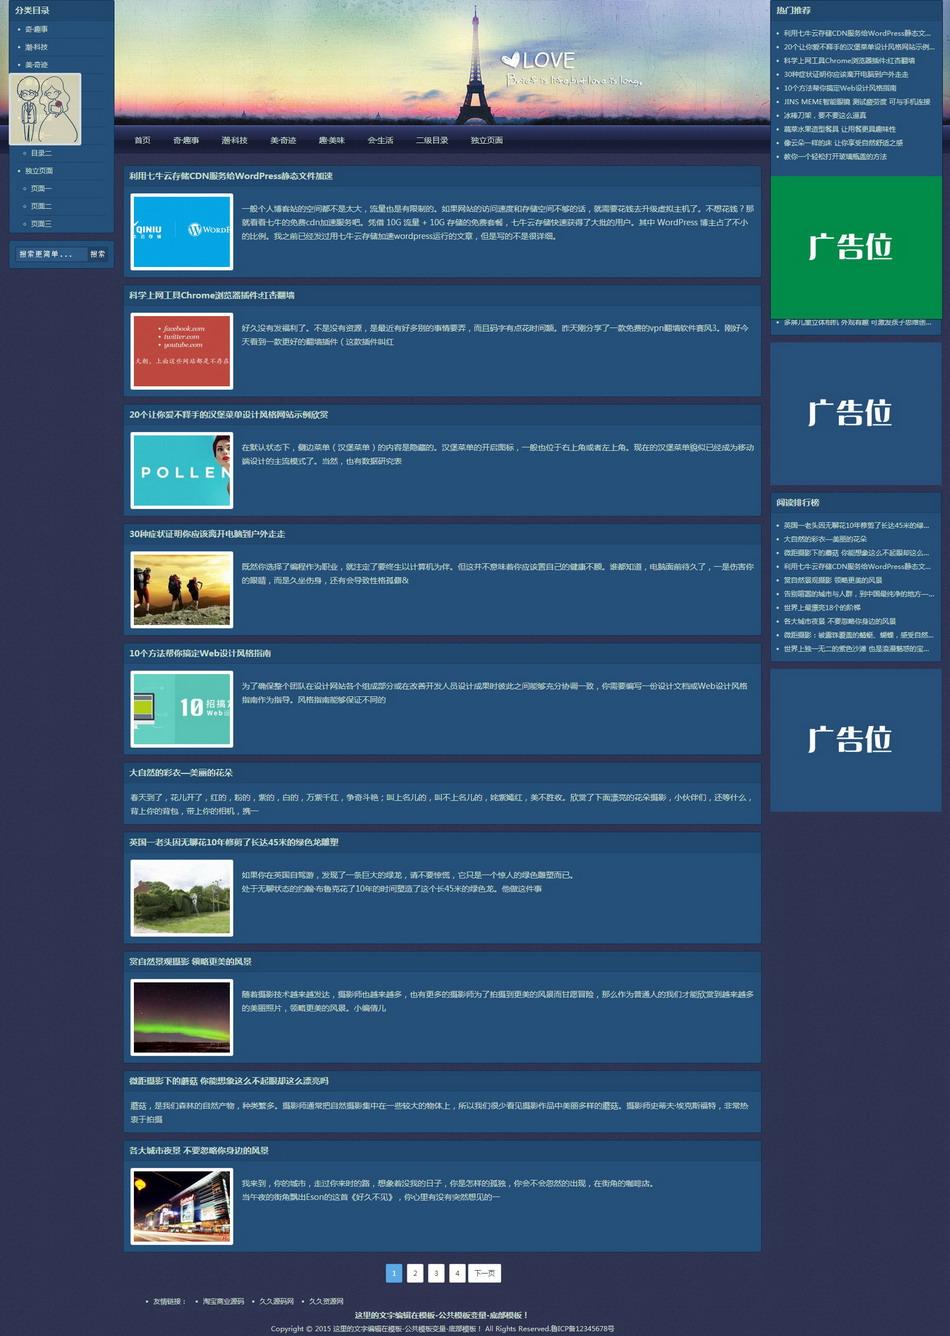 个人博客文章新闻蓝色专业帝国CMS整站模板自适应HTML5响应式手机